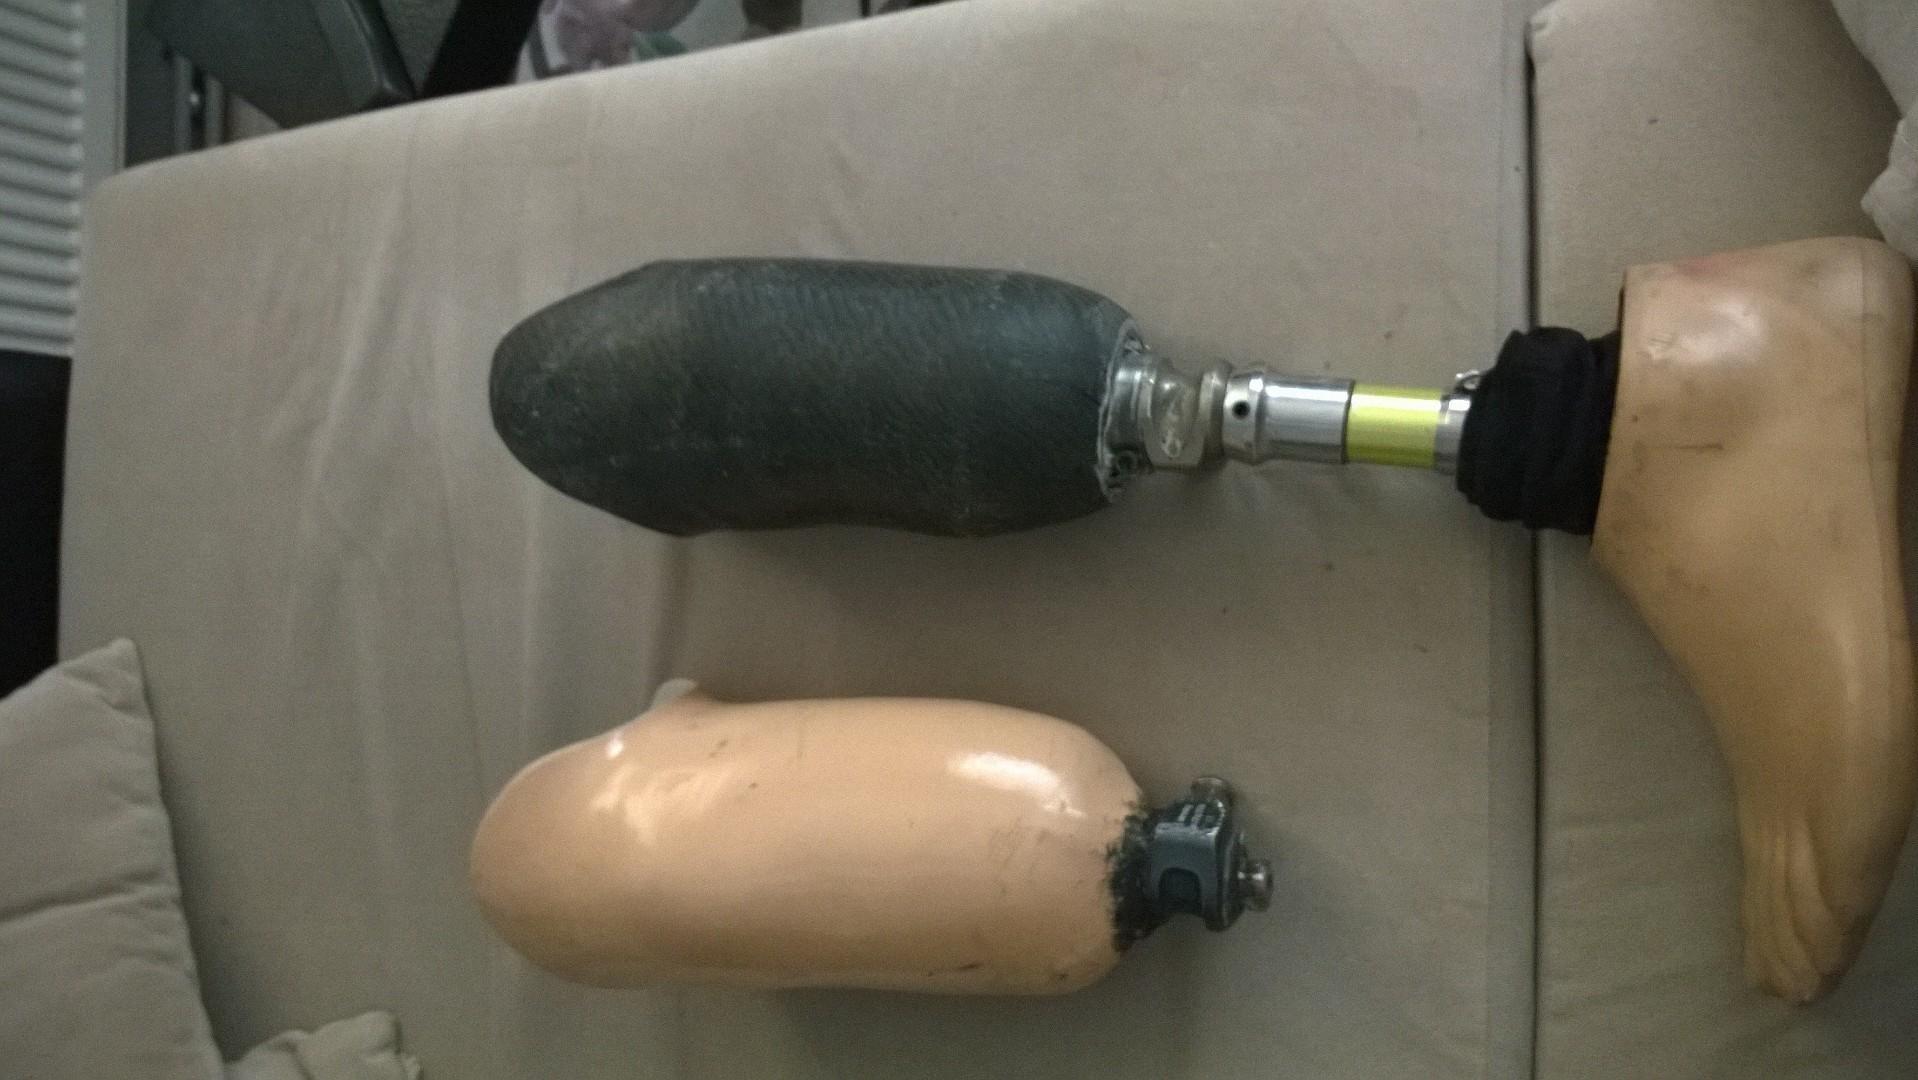 po65Zm - Kendi protezimizi kendimiz yapabilir miyiz sorusunun cevabını arıyorum..?